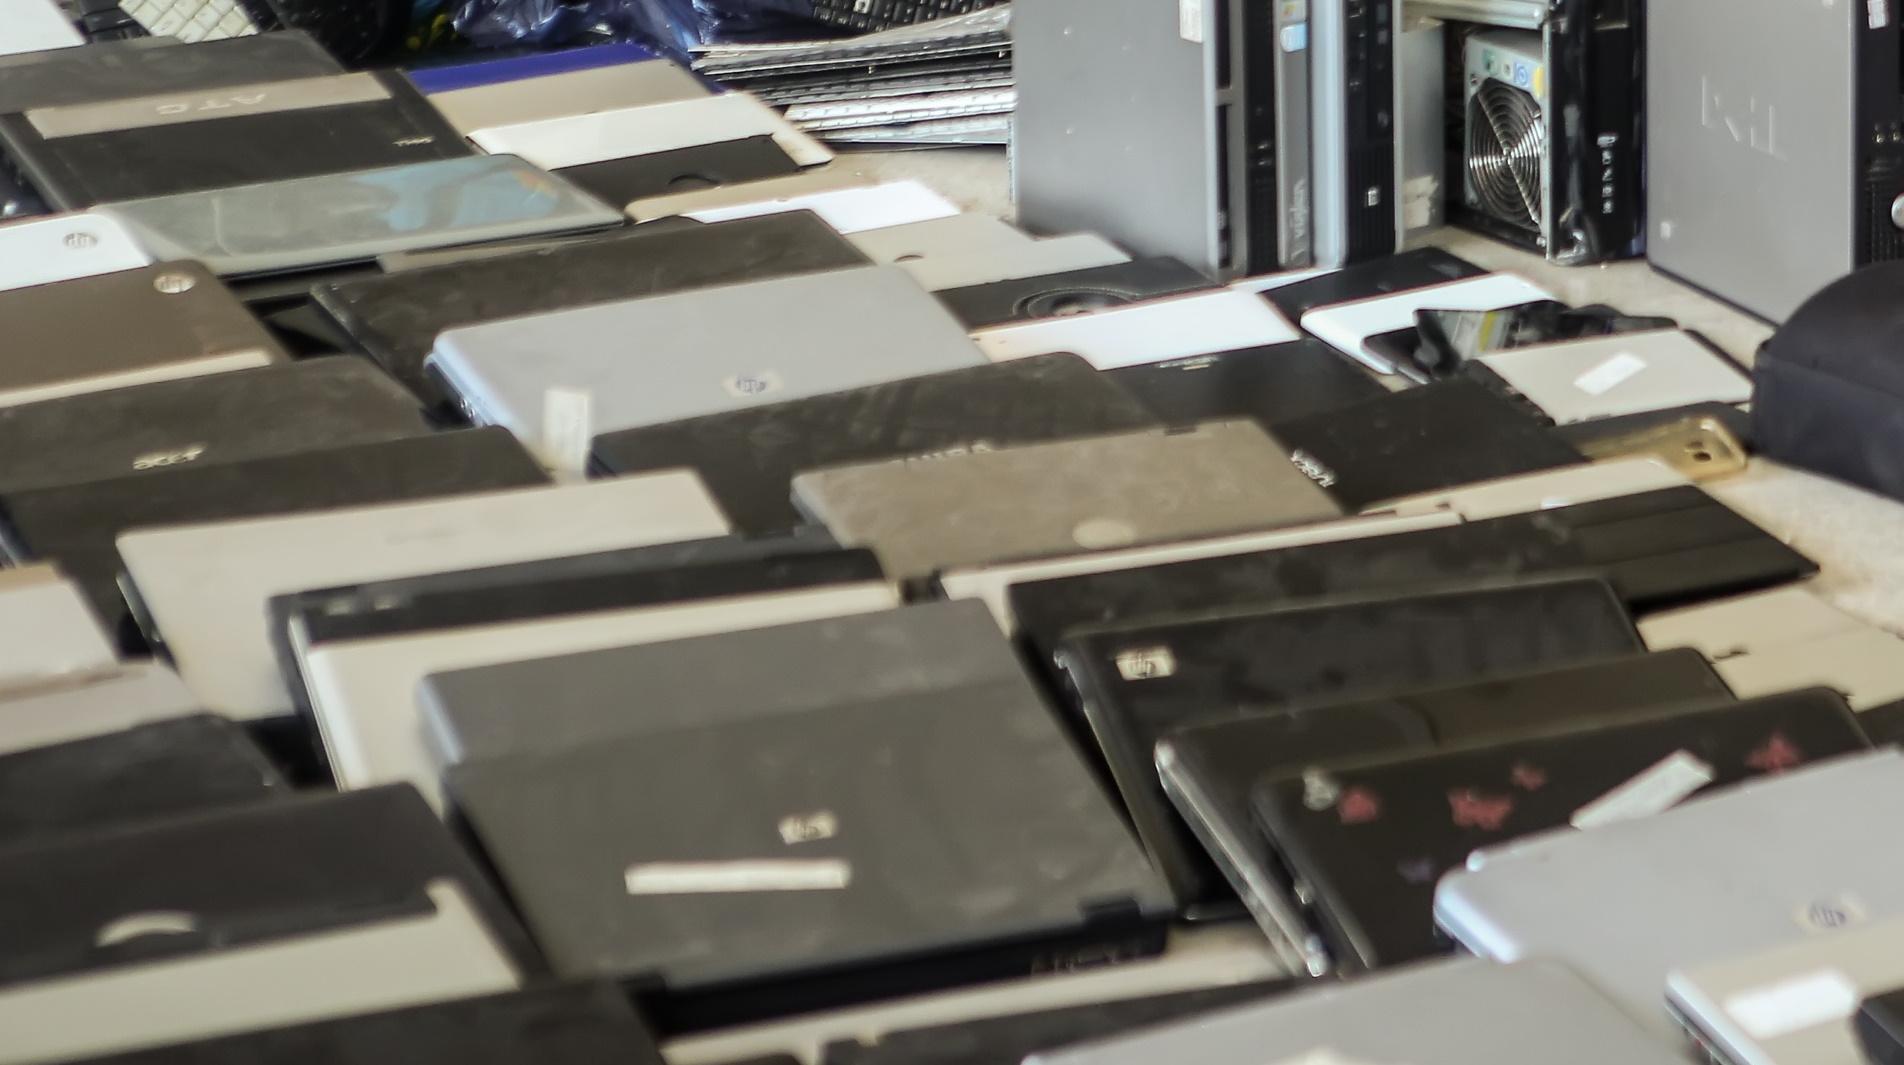 Γεμάτη με «μαϊμούδες» ήταν η αποθήκη προμηθευτή ηλεκτρονικών καταστημάτων